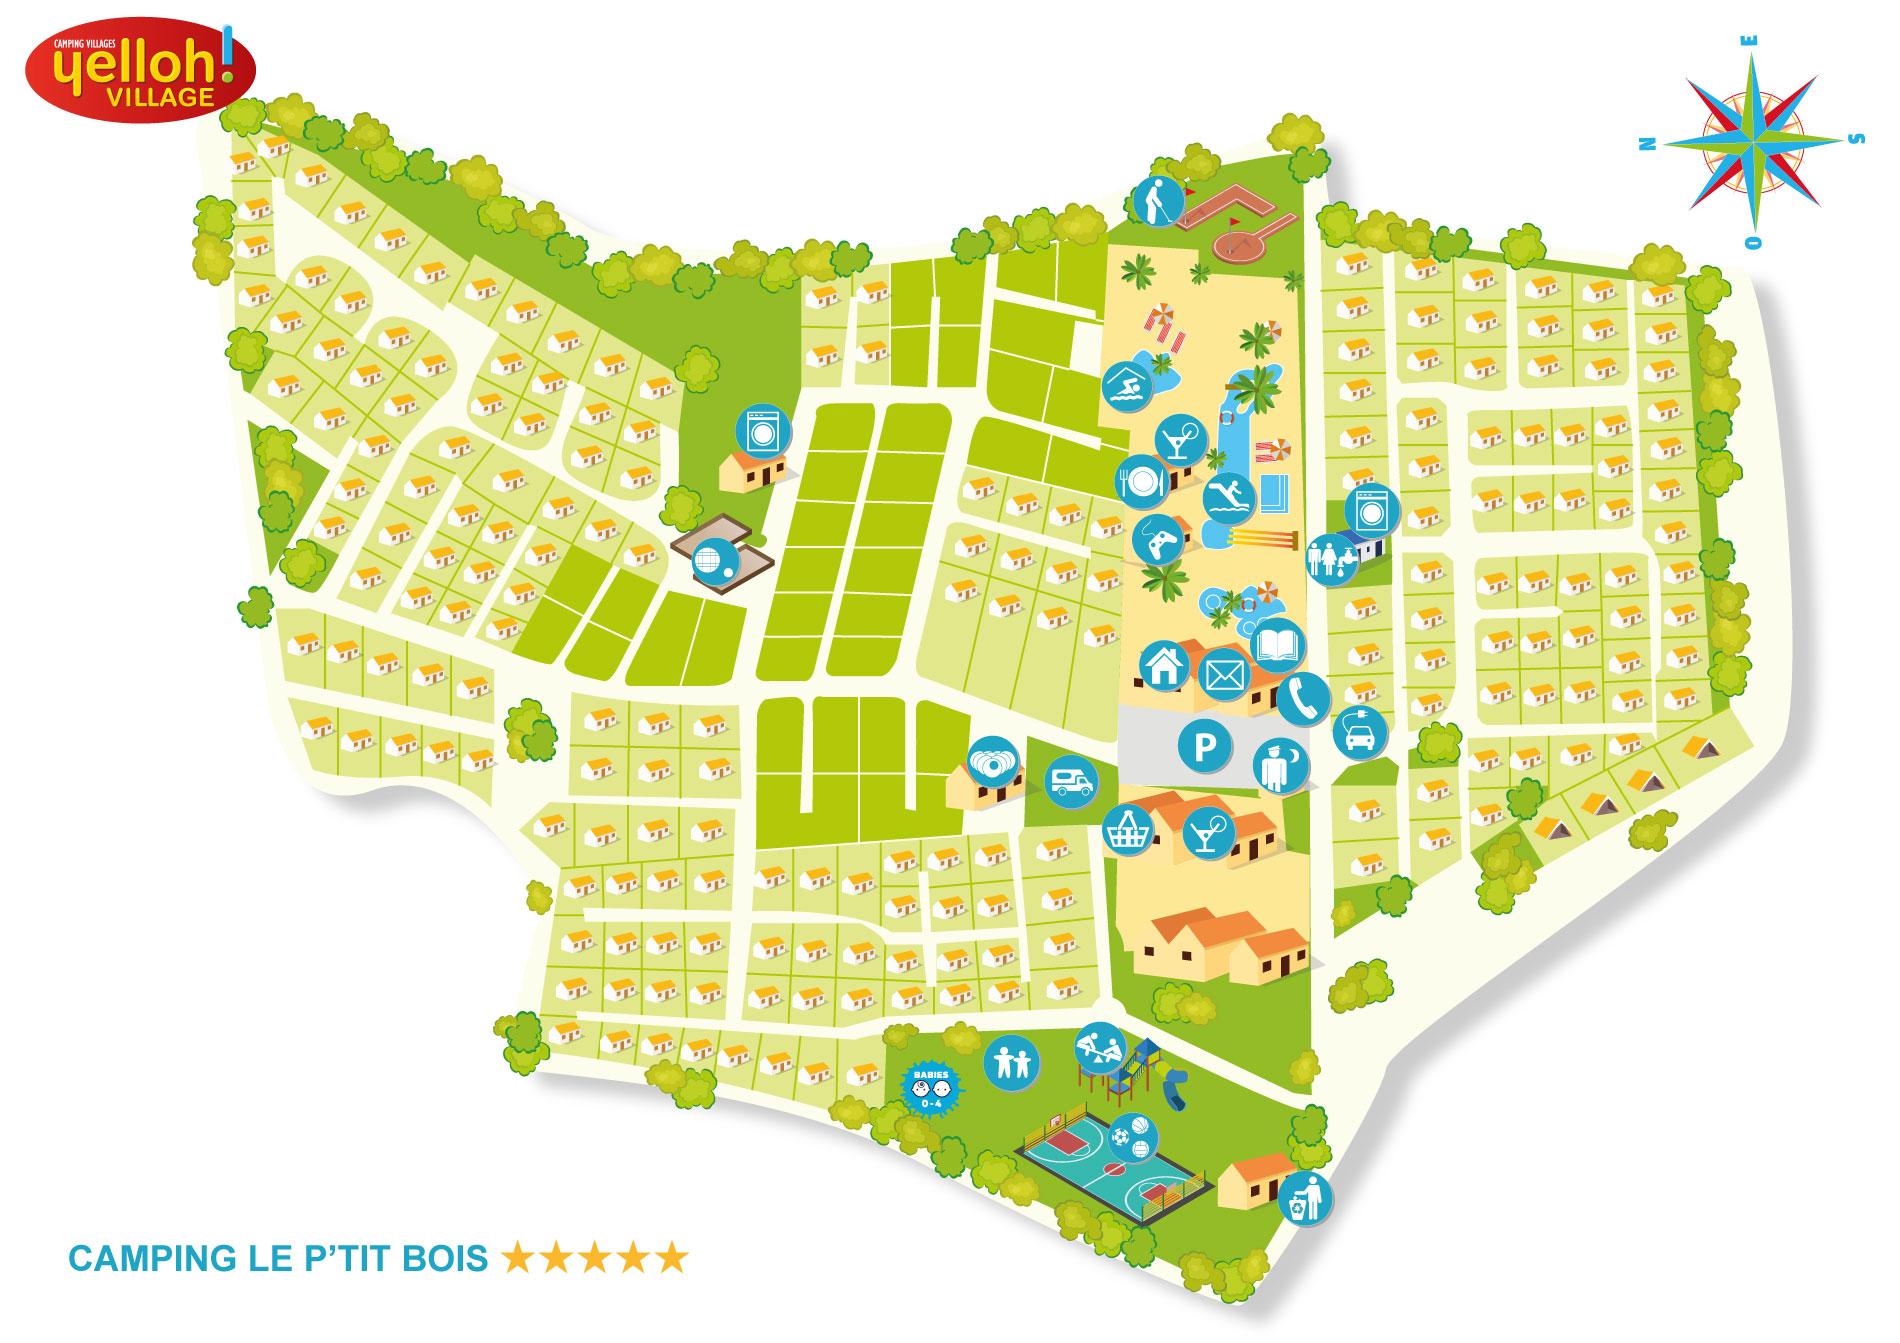 Camping Le P'tit Bois  Yelloh! Village in Saint Malo ~ Le Petit Bois St Malo